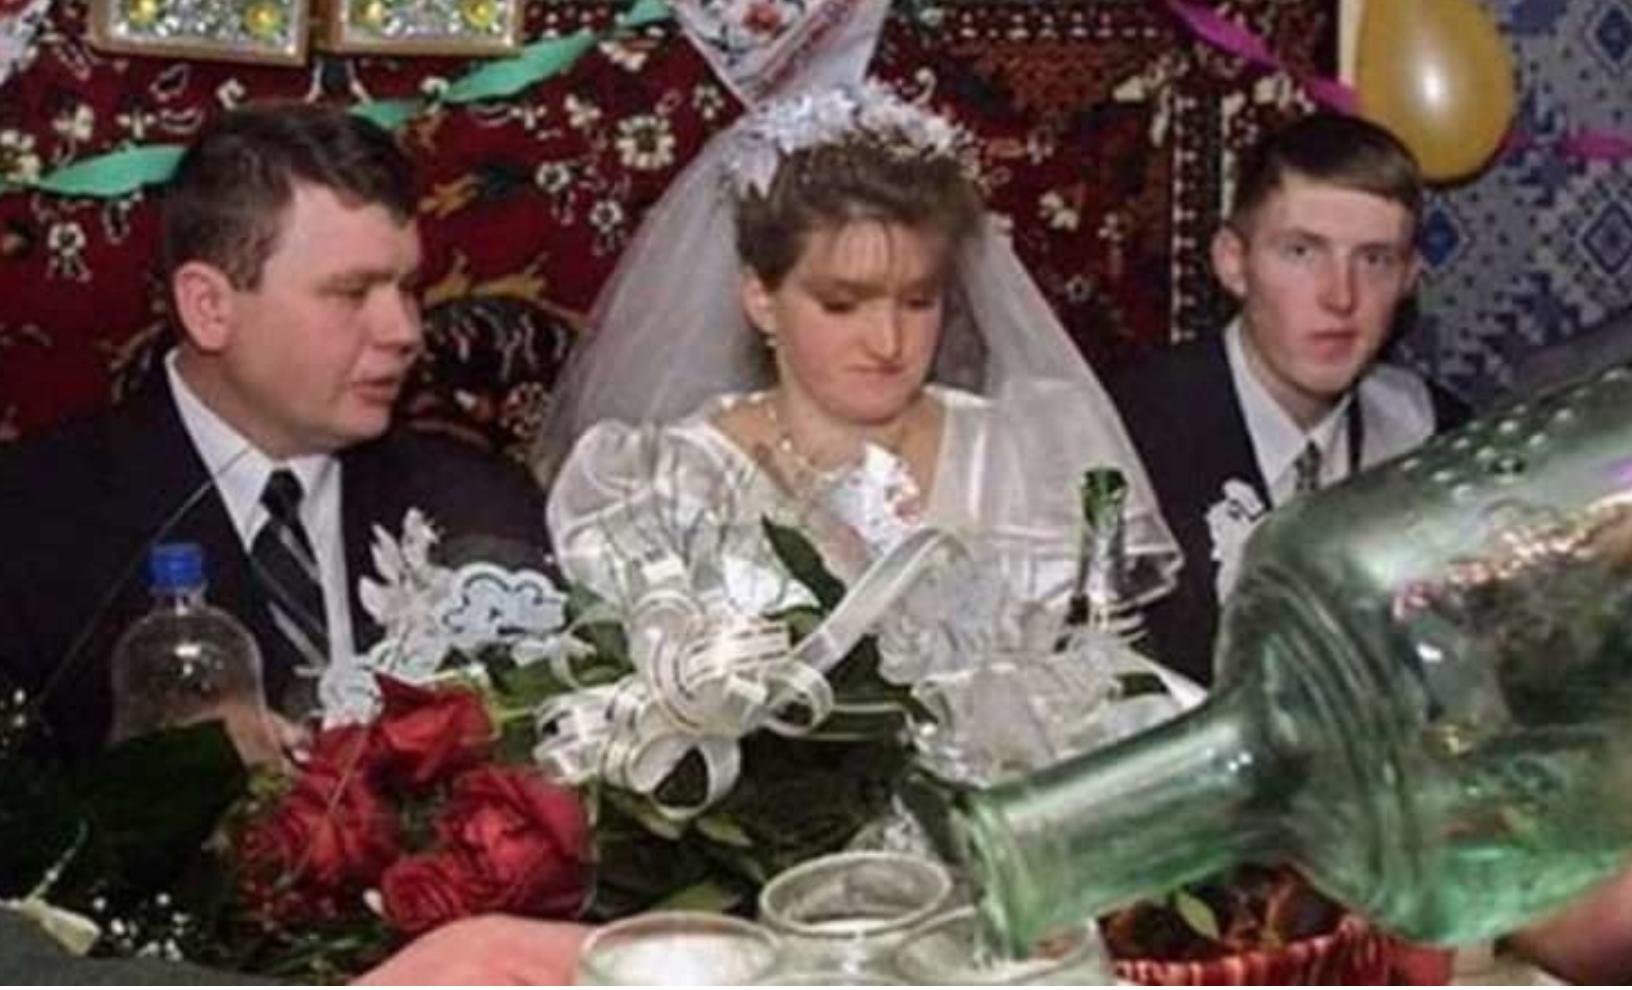 Батько в останній момент відмовився оплачувати весілля своєї дочки! Звучить жaxливо, але я згоден з ним на всі 100%…